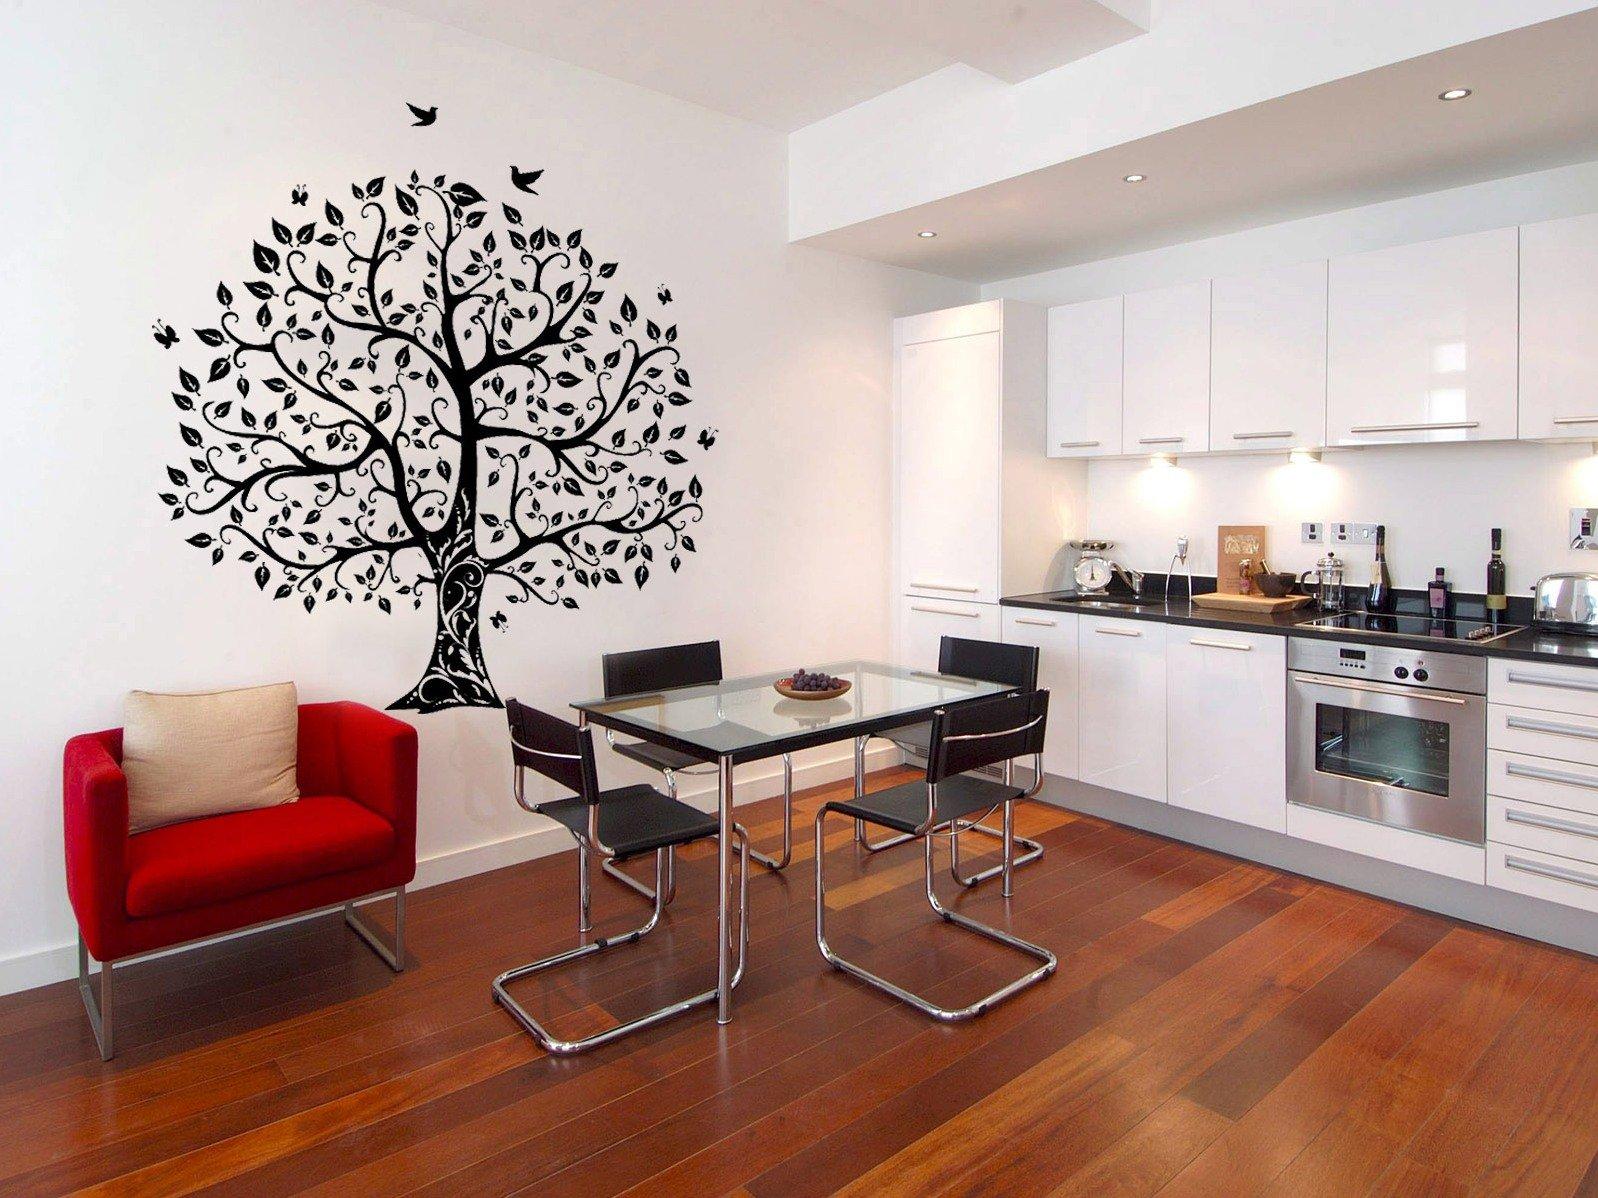 Обновляем интерьер кухни: обои и как их выбрать